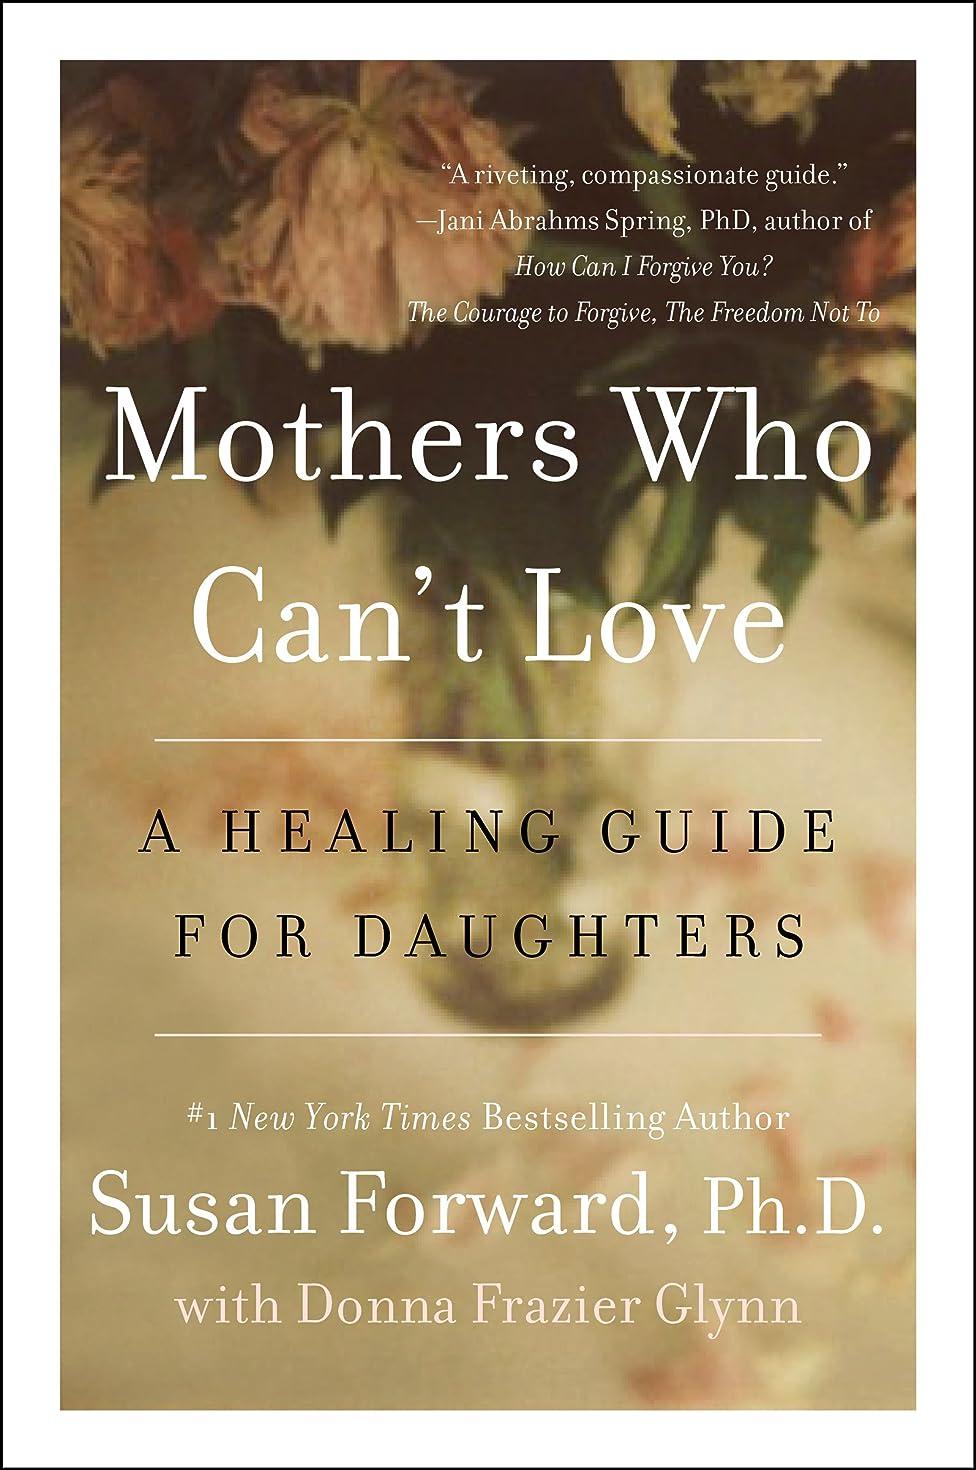 騒温度起こるMothers Who Can't Love: A Healing Guide for Daughters (English Edition)